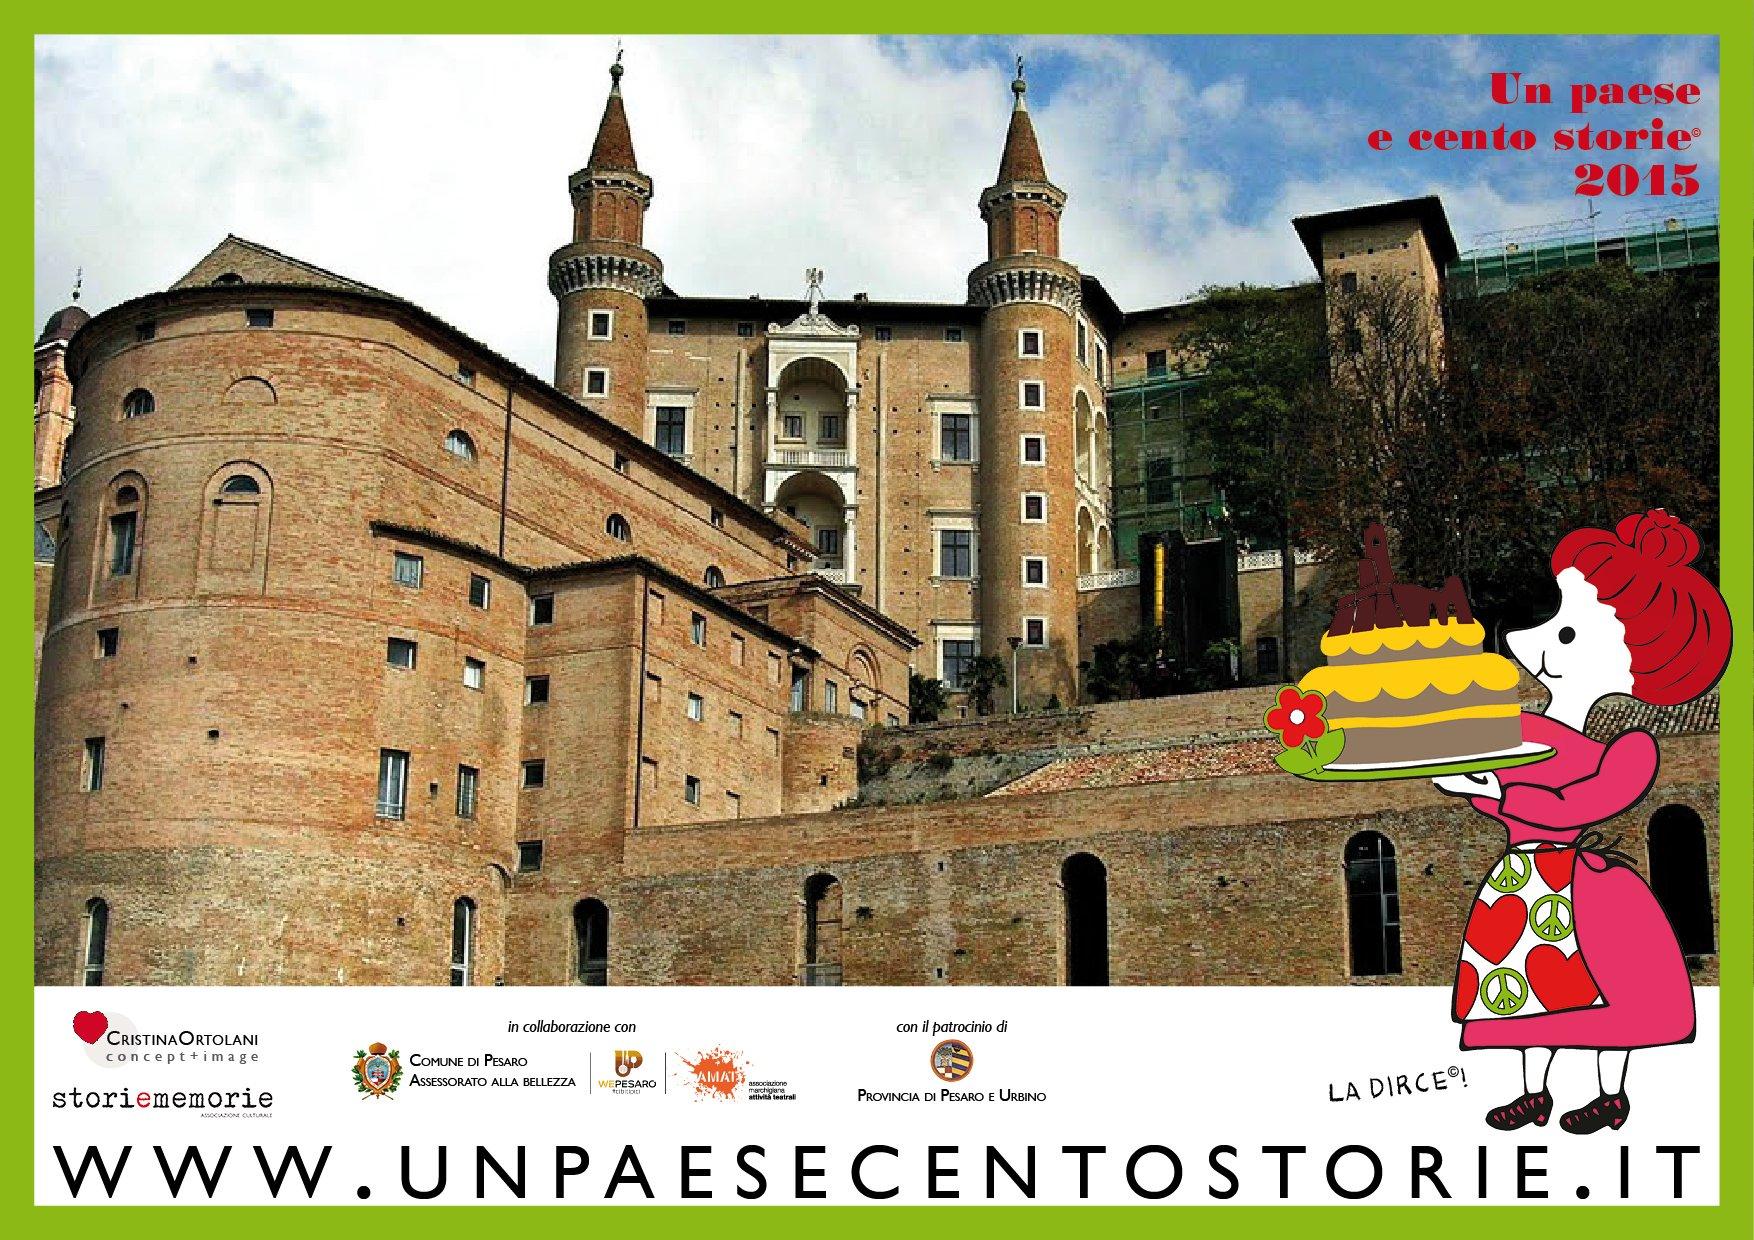 Expo 2015 - laDirce alla Data di Urbino